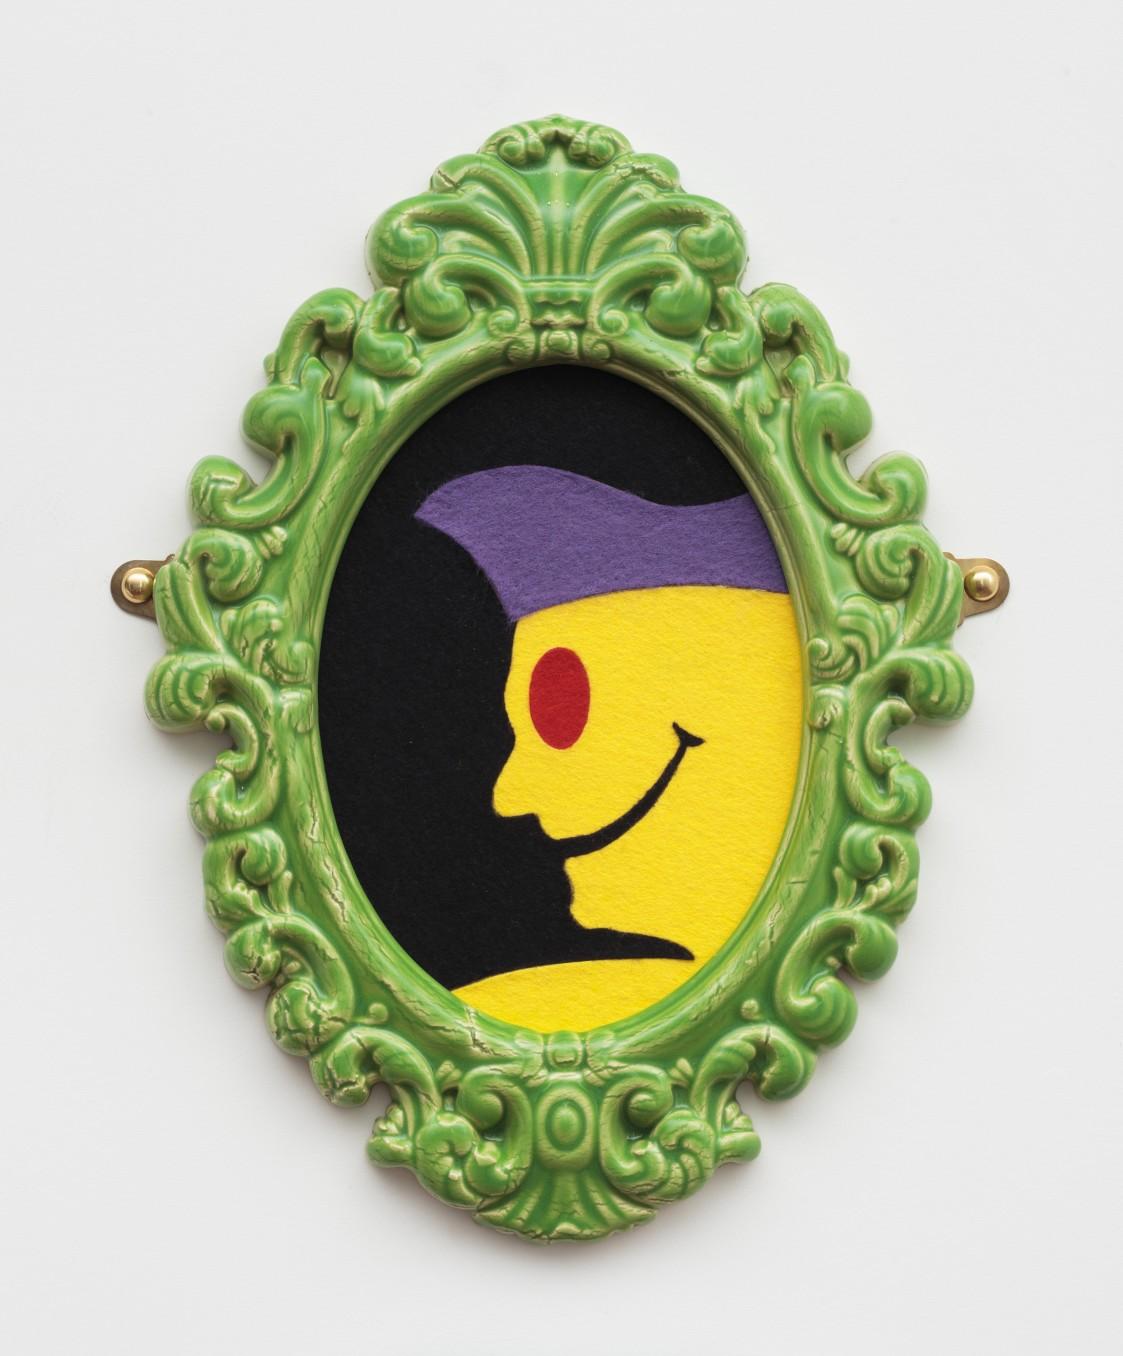 Richard Slee, Portrait, 2010, Glazed ceramic with felt, 39 x 28 cm, 15 3/8 x 11 1/8 in